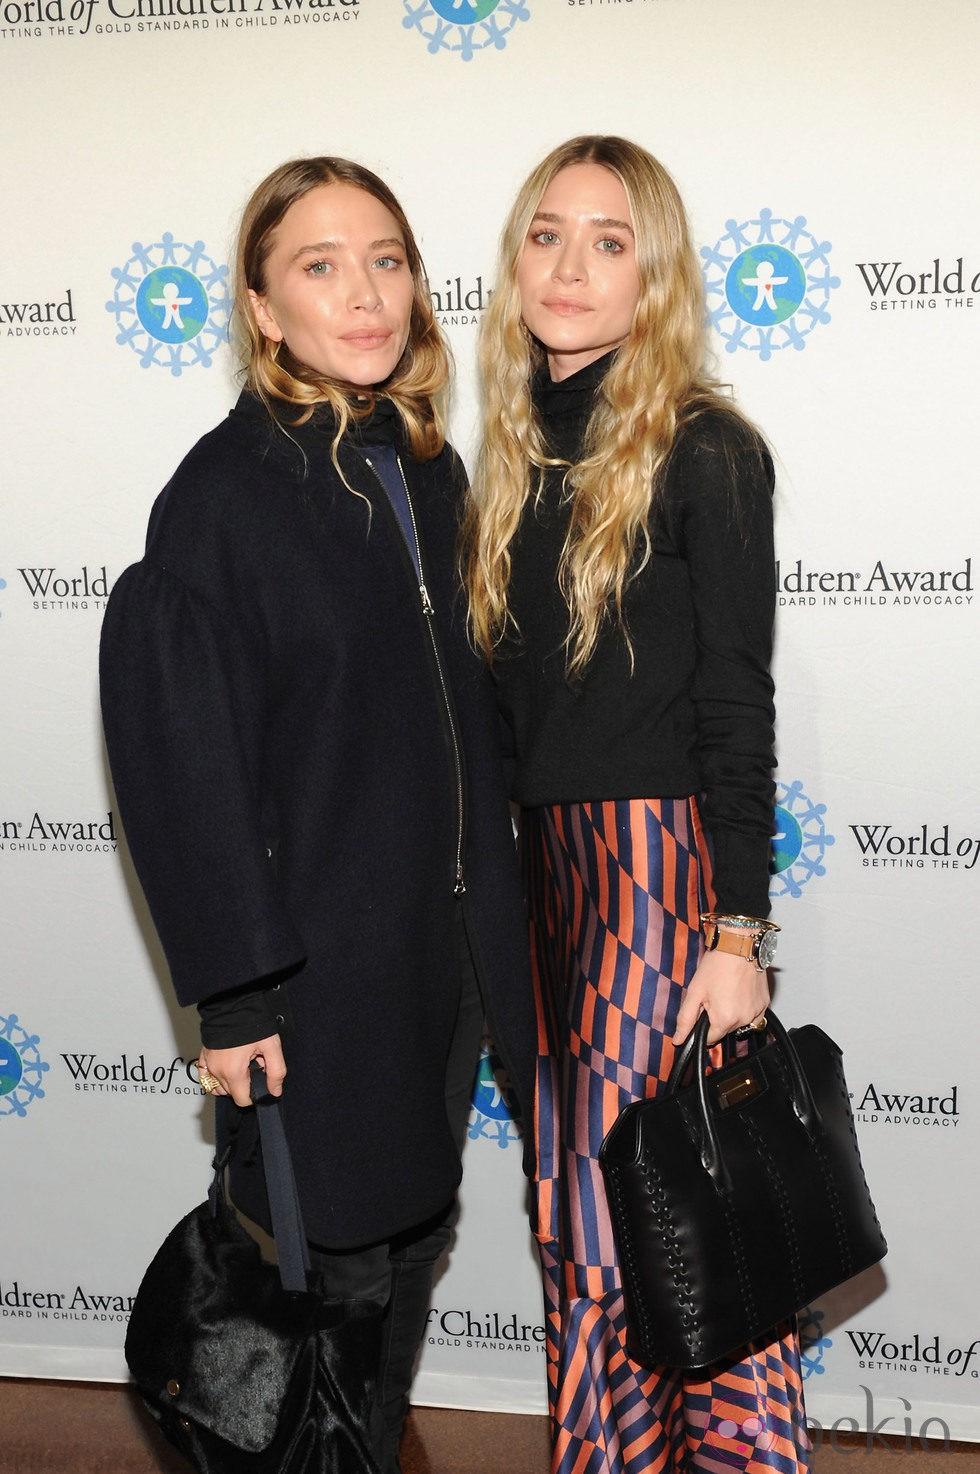 Mary Kate y Ashley Olsen en la entrega de los Premios World of Children en Nueva York